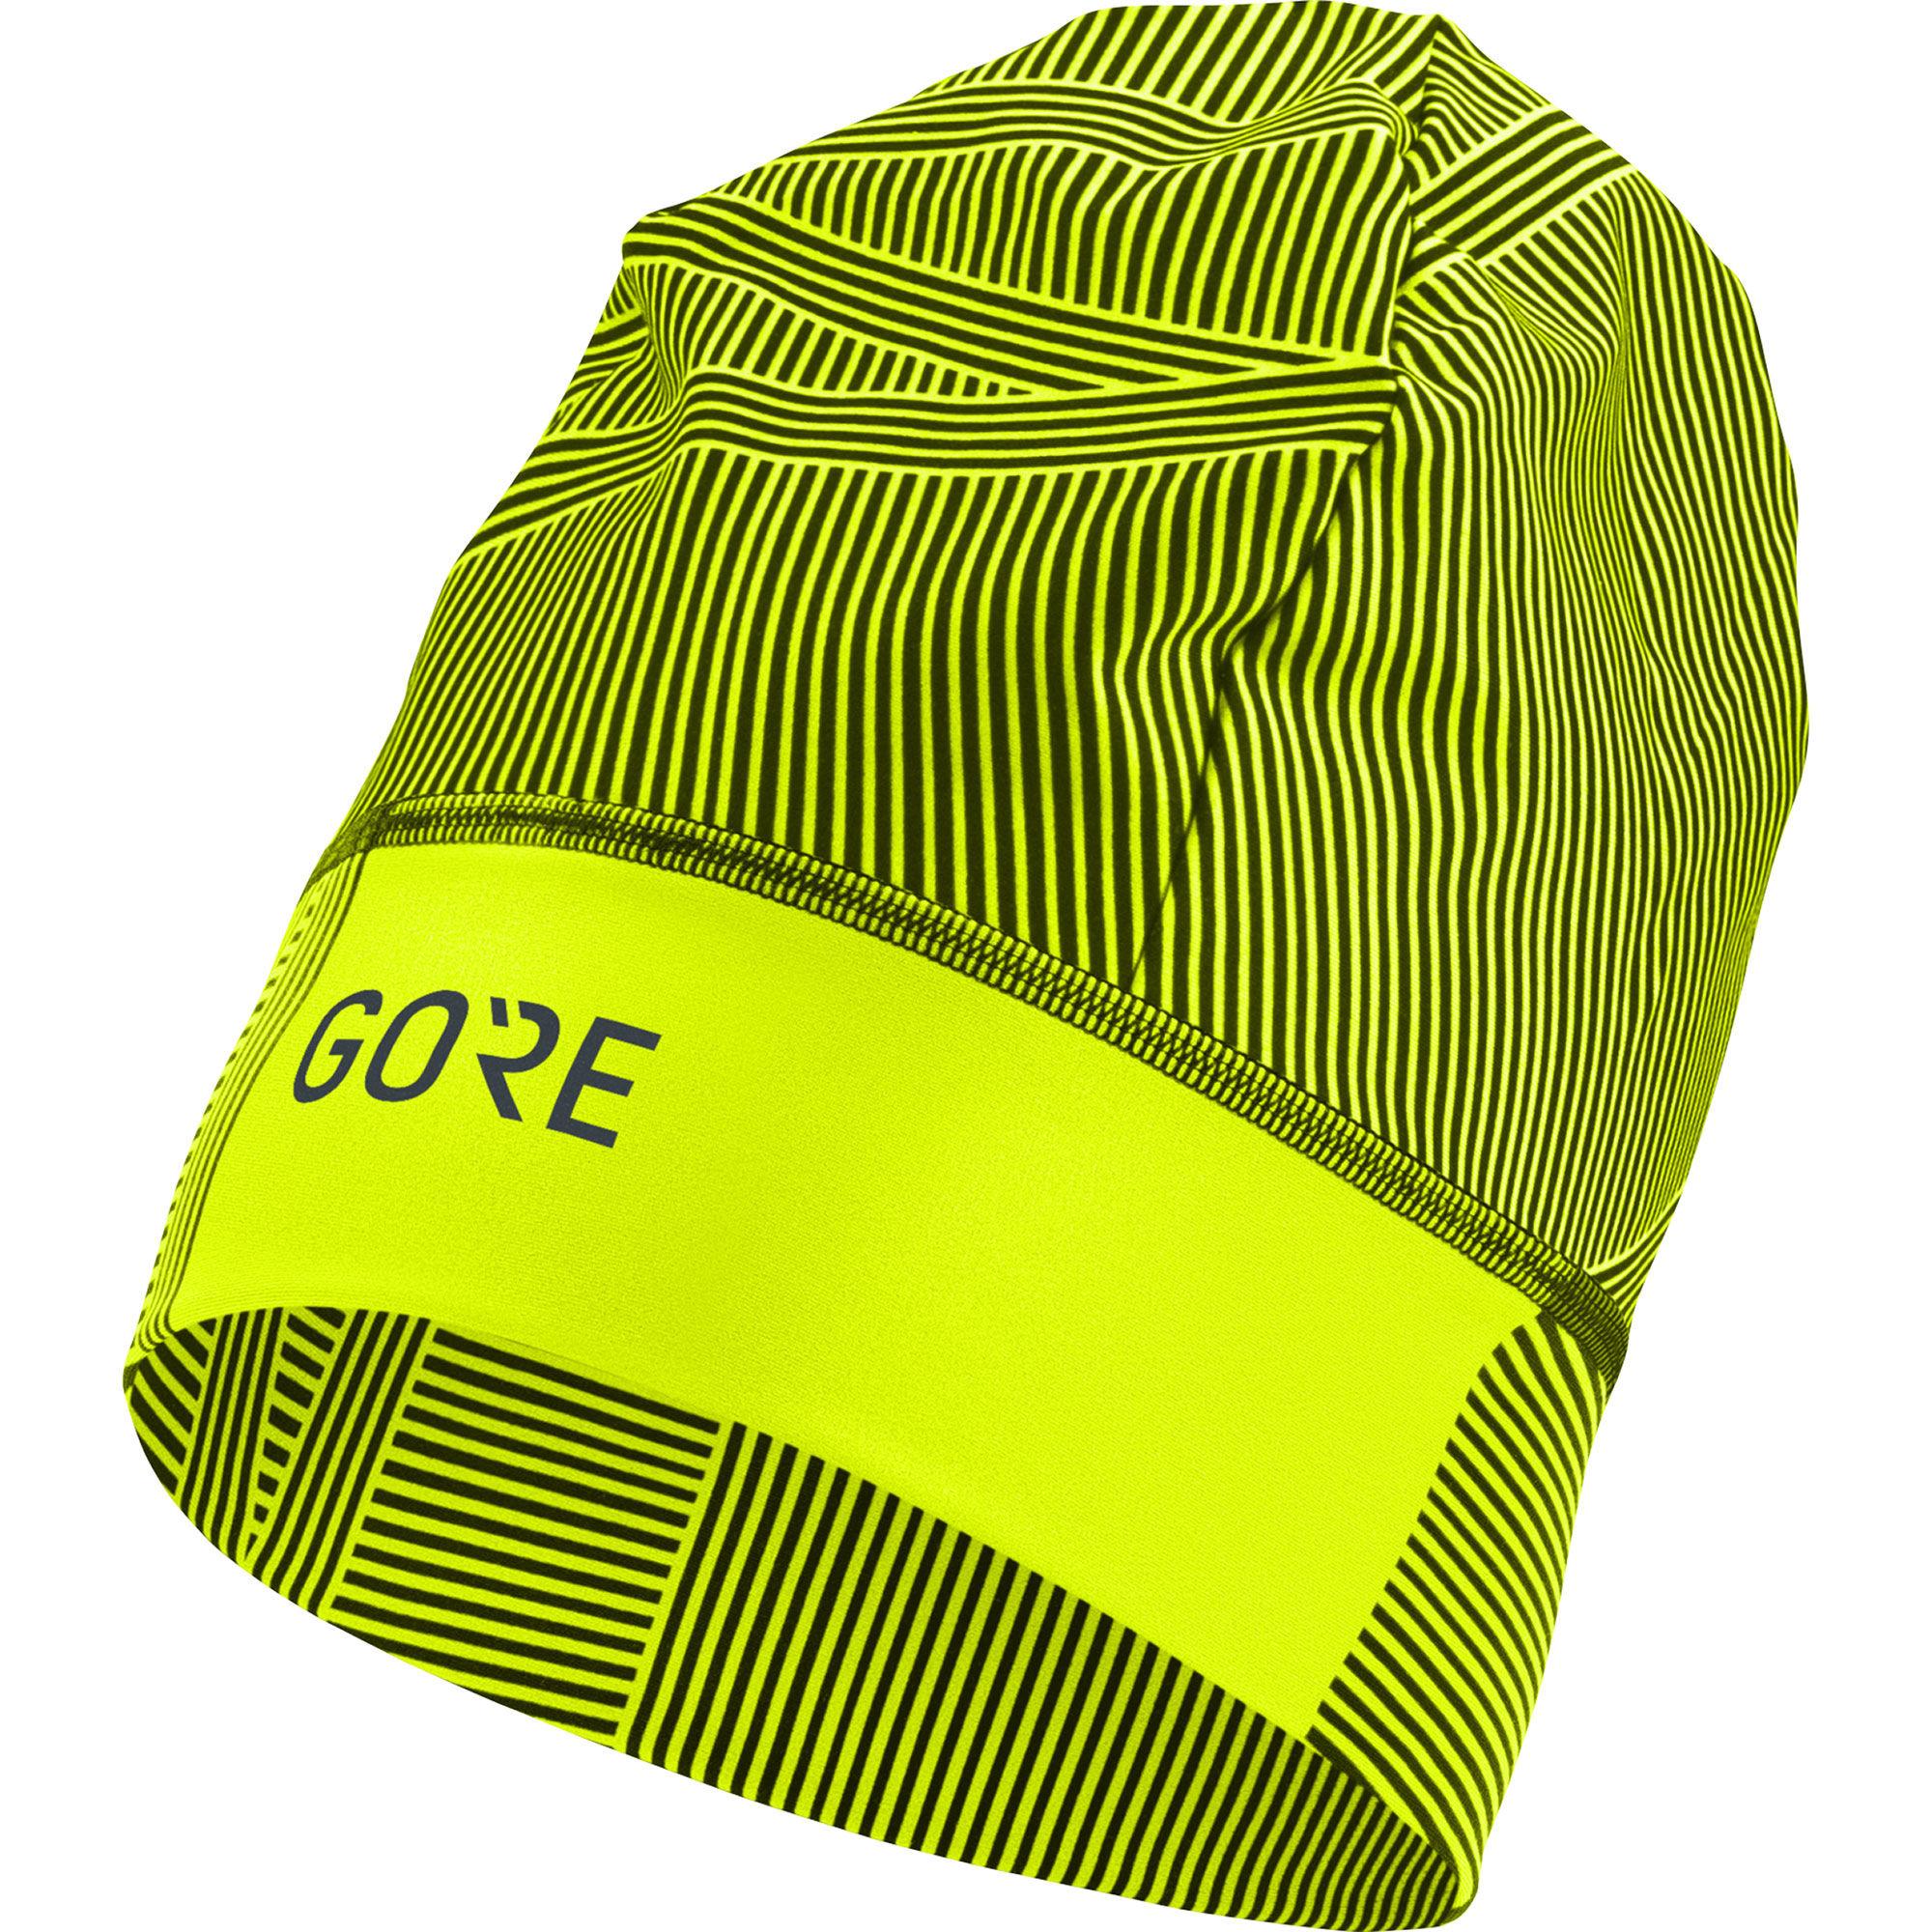 Gore Light Opti Beanie (Neongelb)